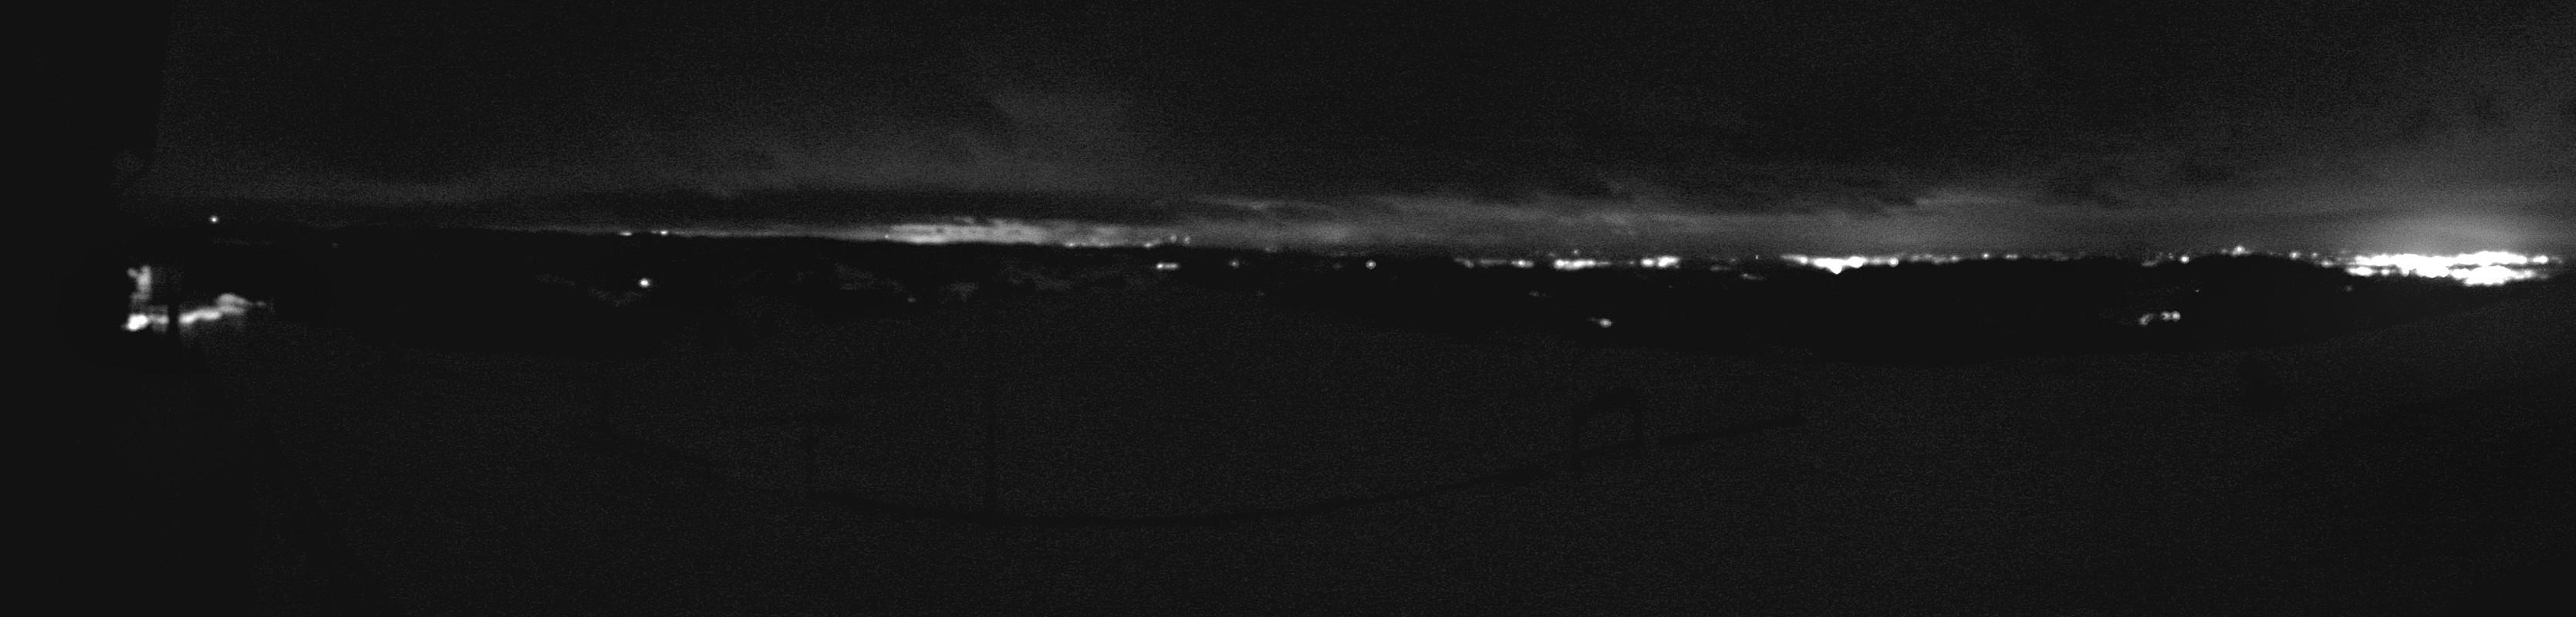 16h ago - 07:04